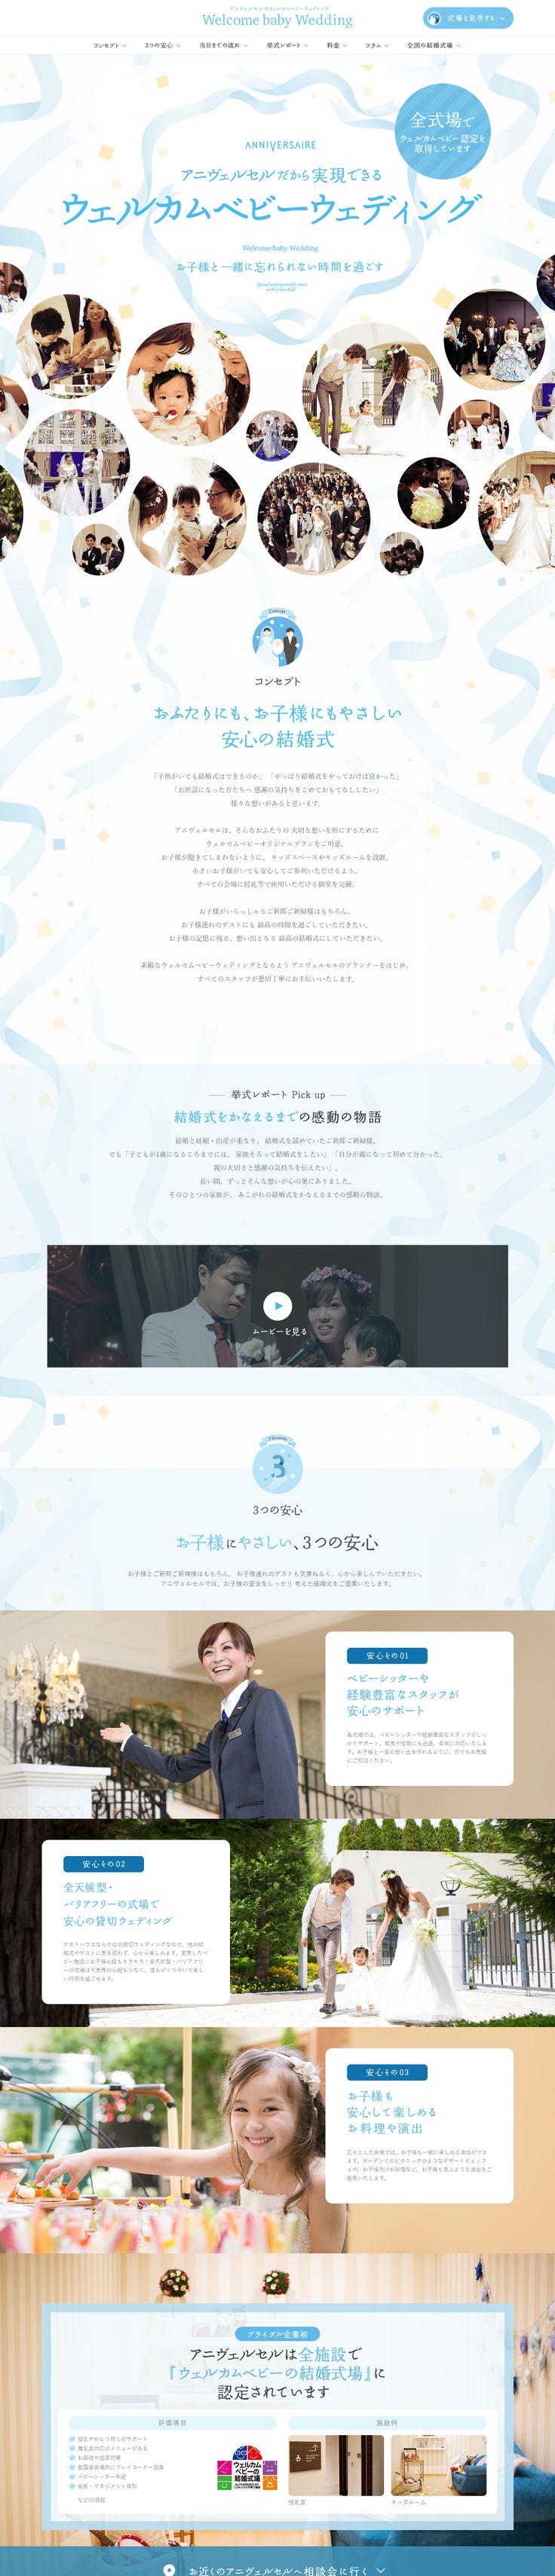 ウェルカムベビーウェディング|アニヴェルセル #青系 #ブライダル #固定ヘッダ #レスポンシブ http://www.anniversaire.co.jp/brand/support/welcomebaby/